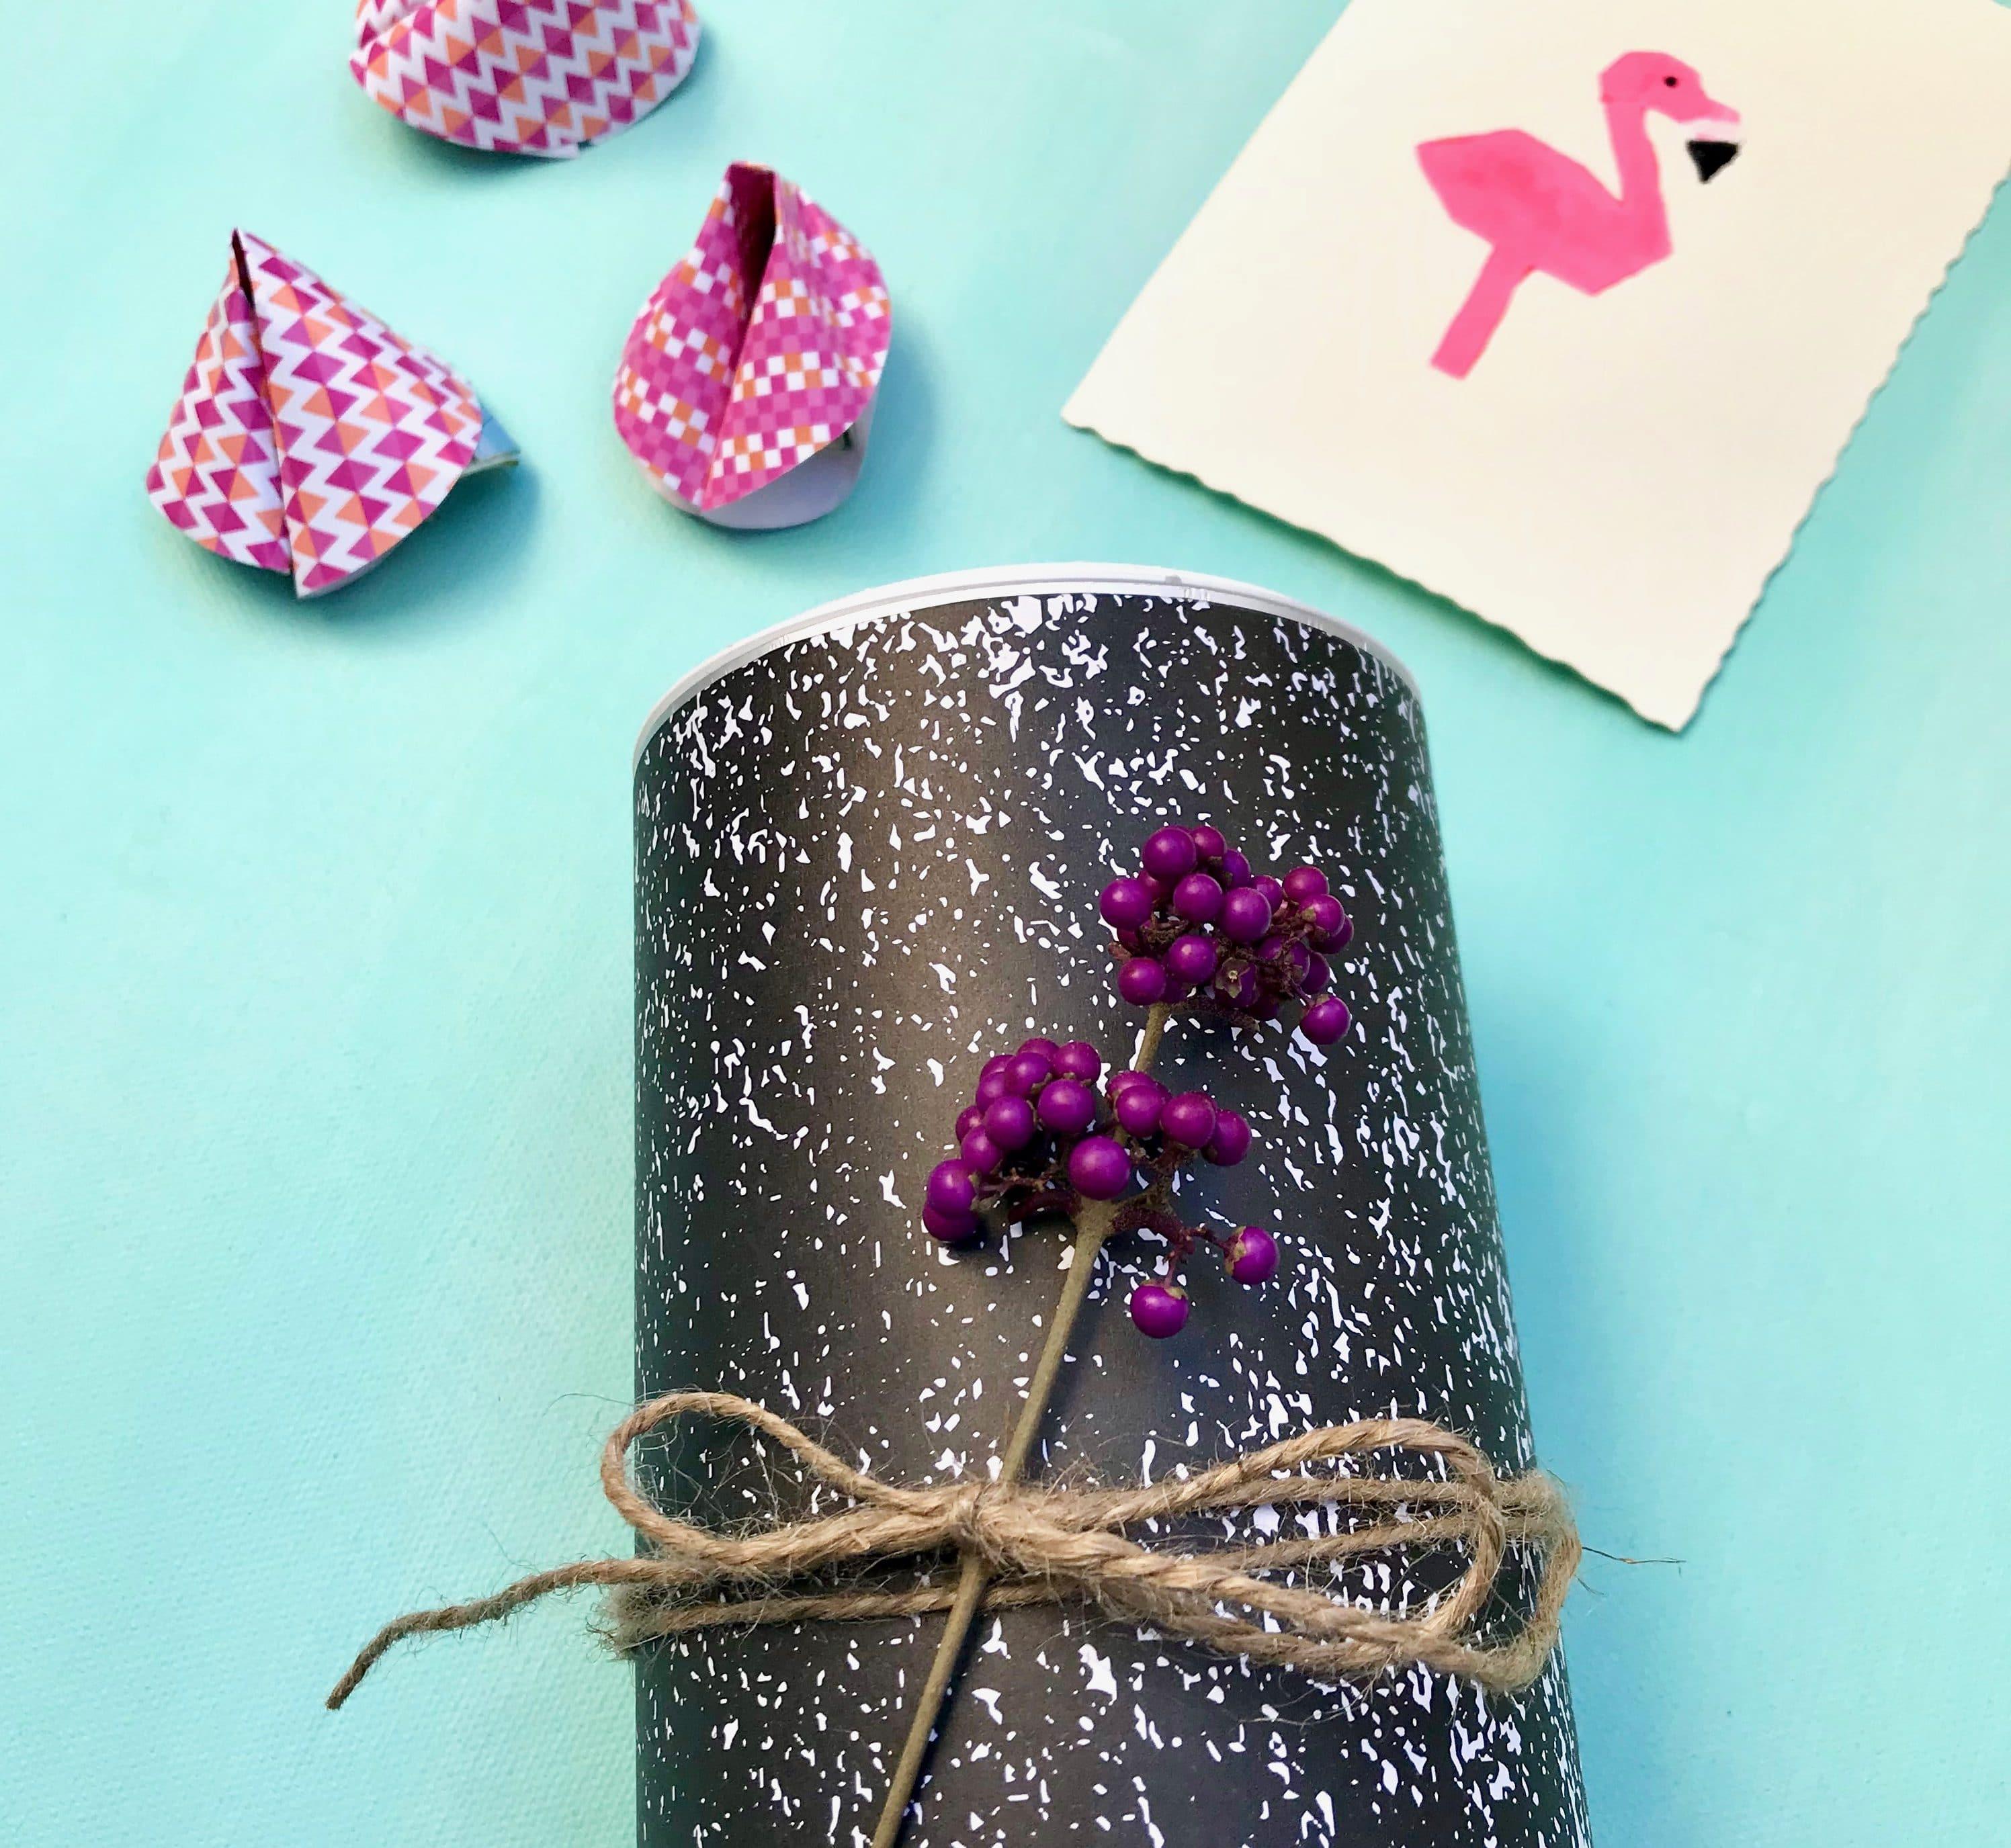 Glueckskekse selber machen, Geschenkidee für die beste Freundin, Hochzeit Geschenkidee, Upcycling, Männergeschenk